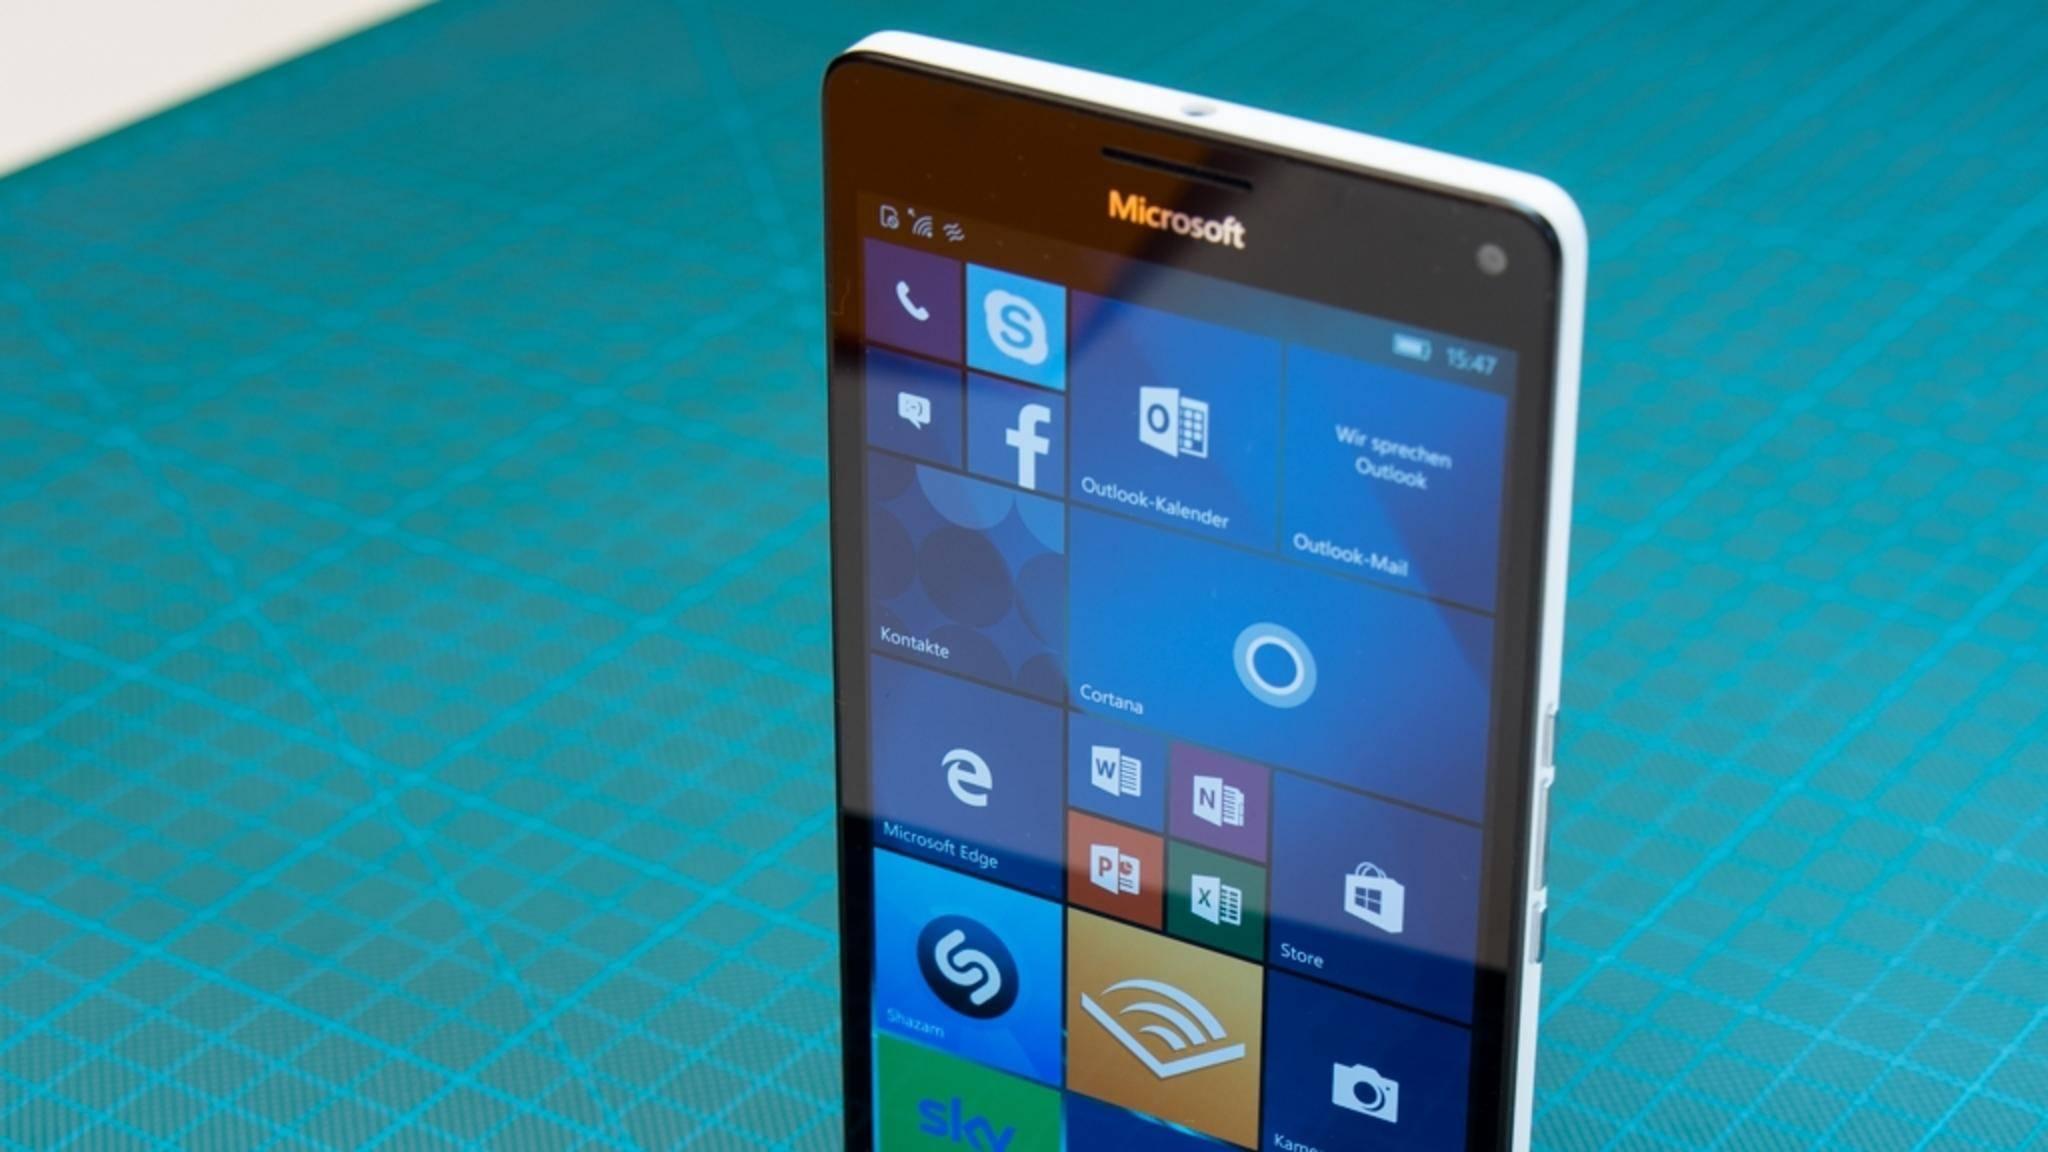 Windows10 Mobile bekommt Updates direkt von Microsoft.